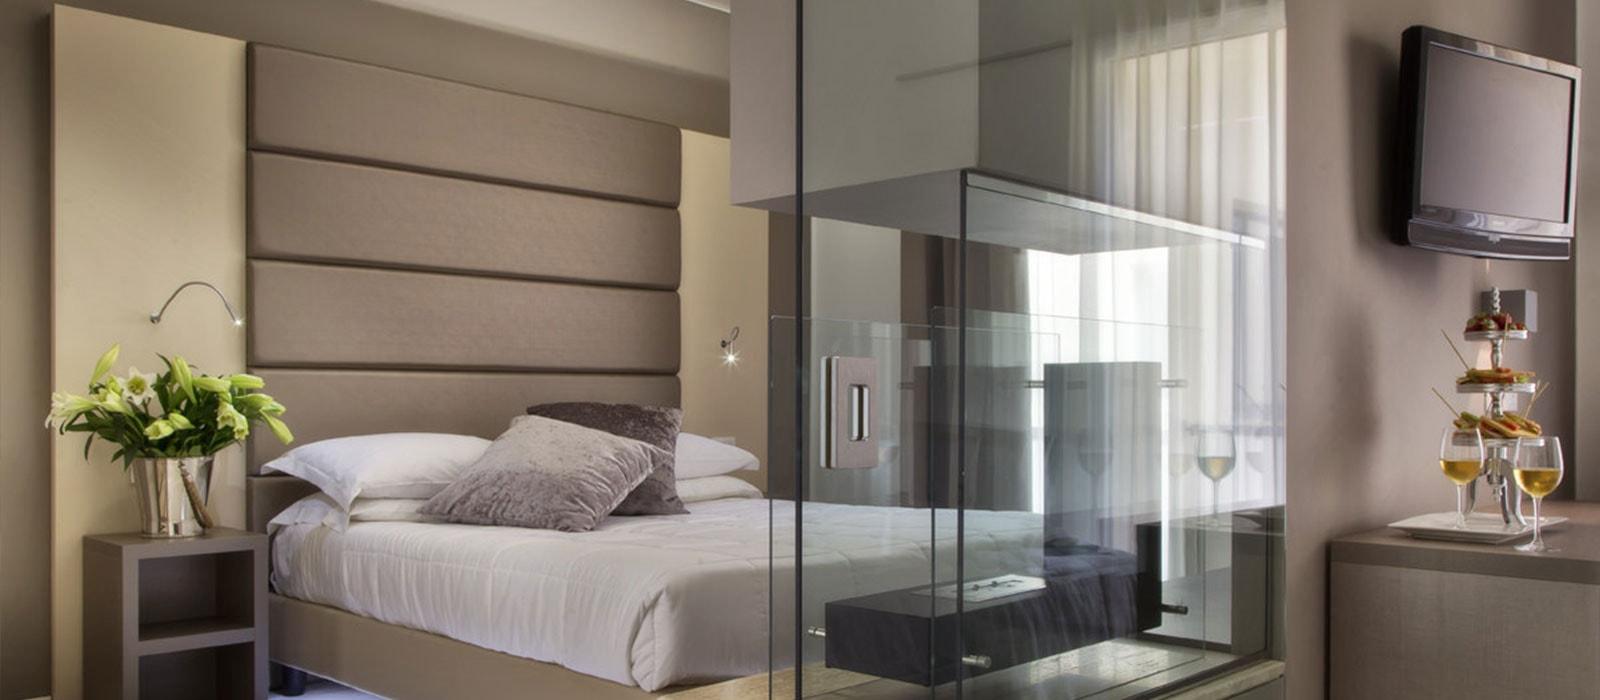 Hotel in suite a riccione